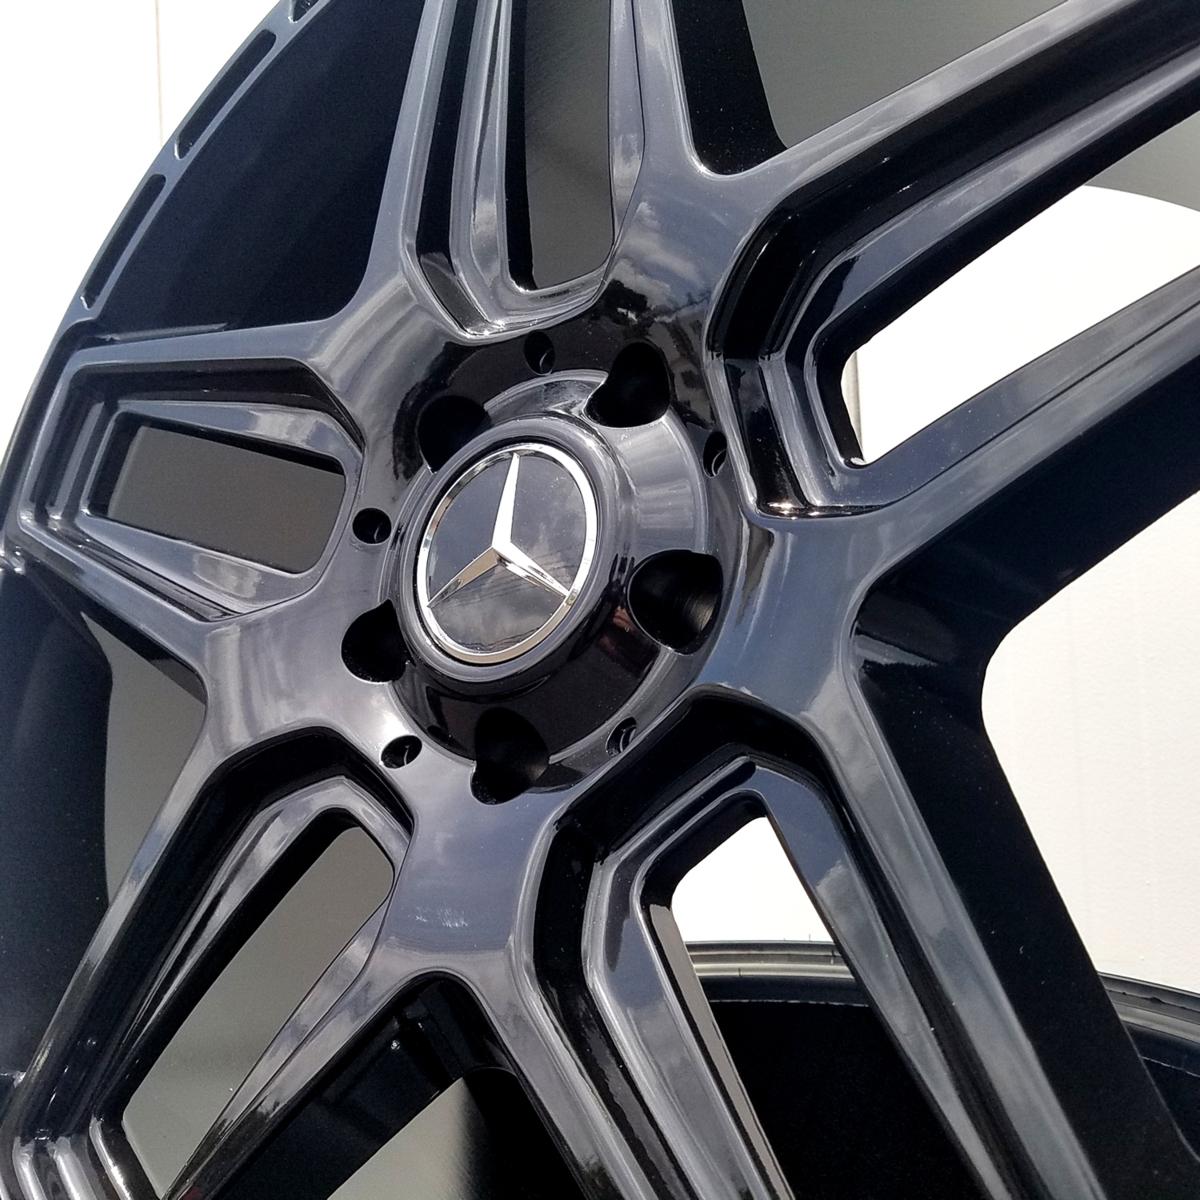 国産タイヤset LEXXEL Anthem メルセデス ベンツ Gクラス ゲレンデ G63 G65 G550 G500 G350 YOKOHAMA PARADA SPEC-X 285/45R22 22インチ_画像4